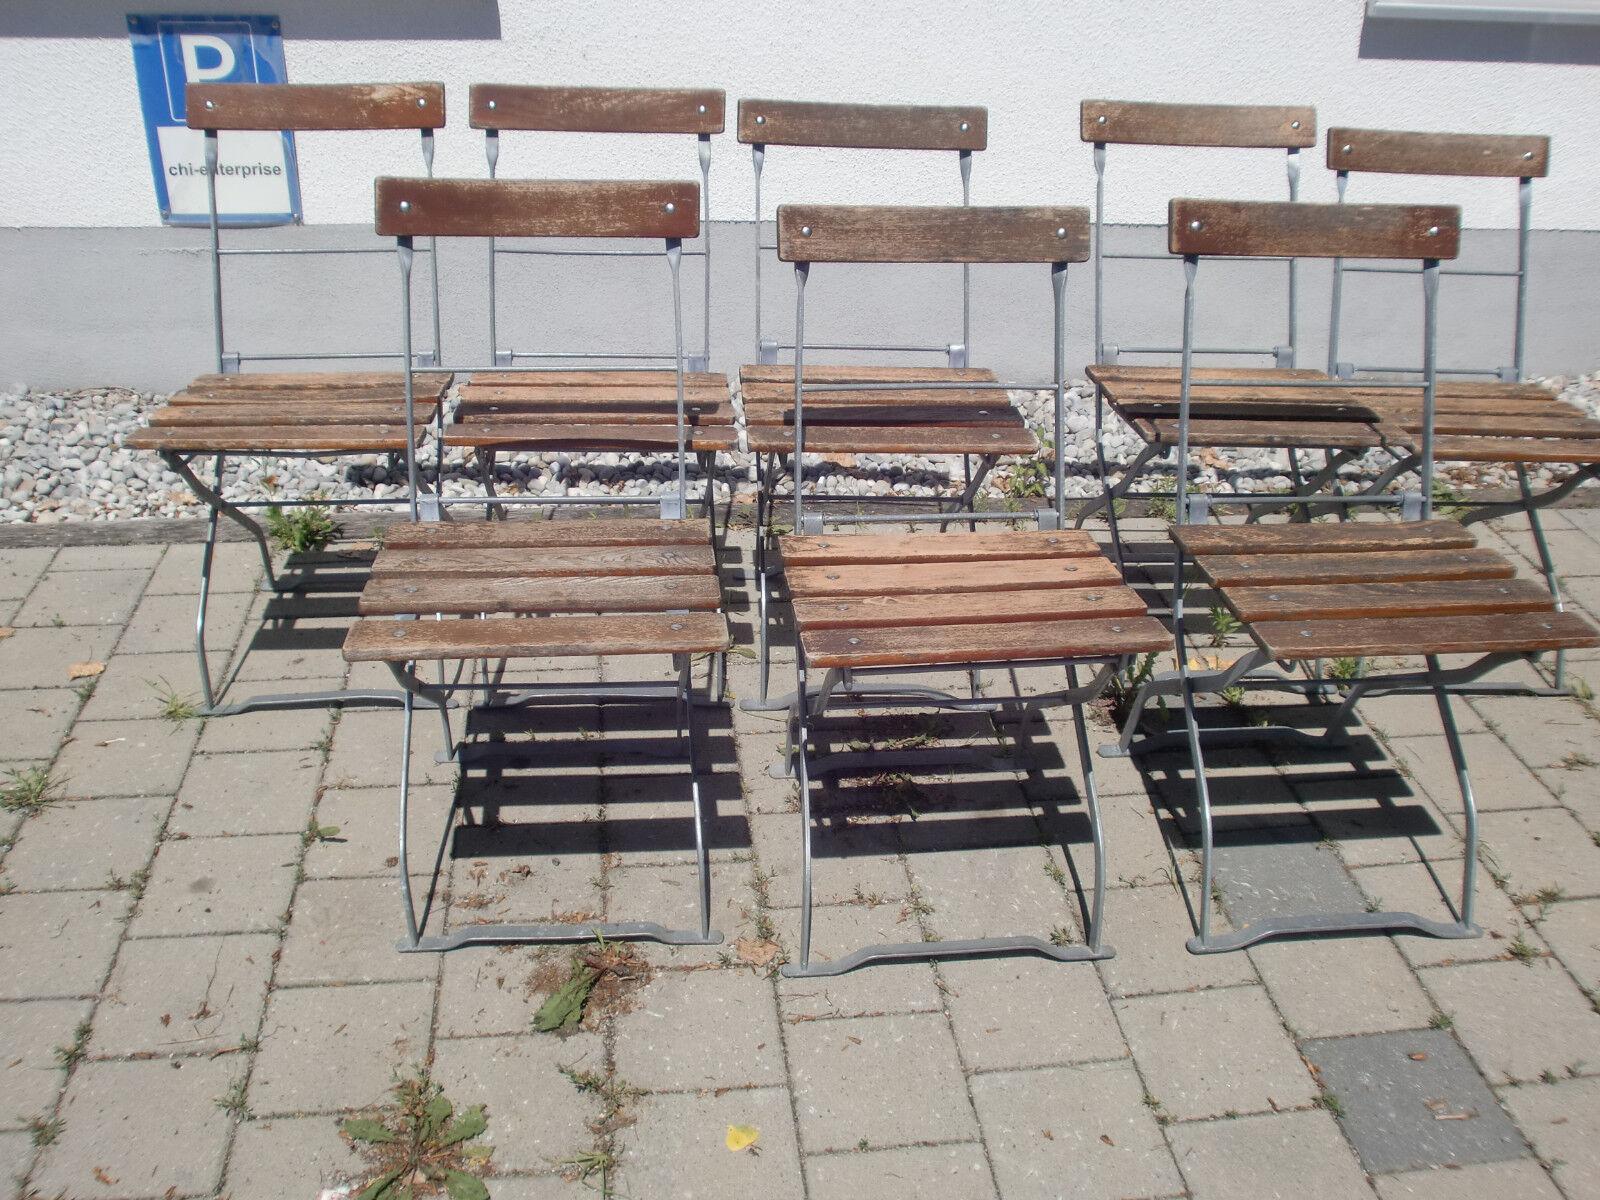 Alter Gartenstuhl Biergartenstuhl Klappstuhl Vintage Altholzoptik Holz  Metall